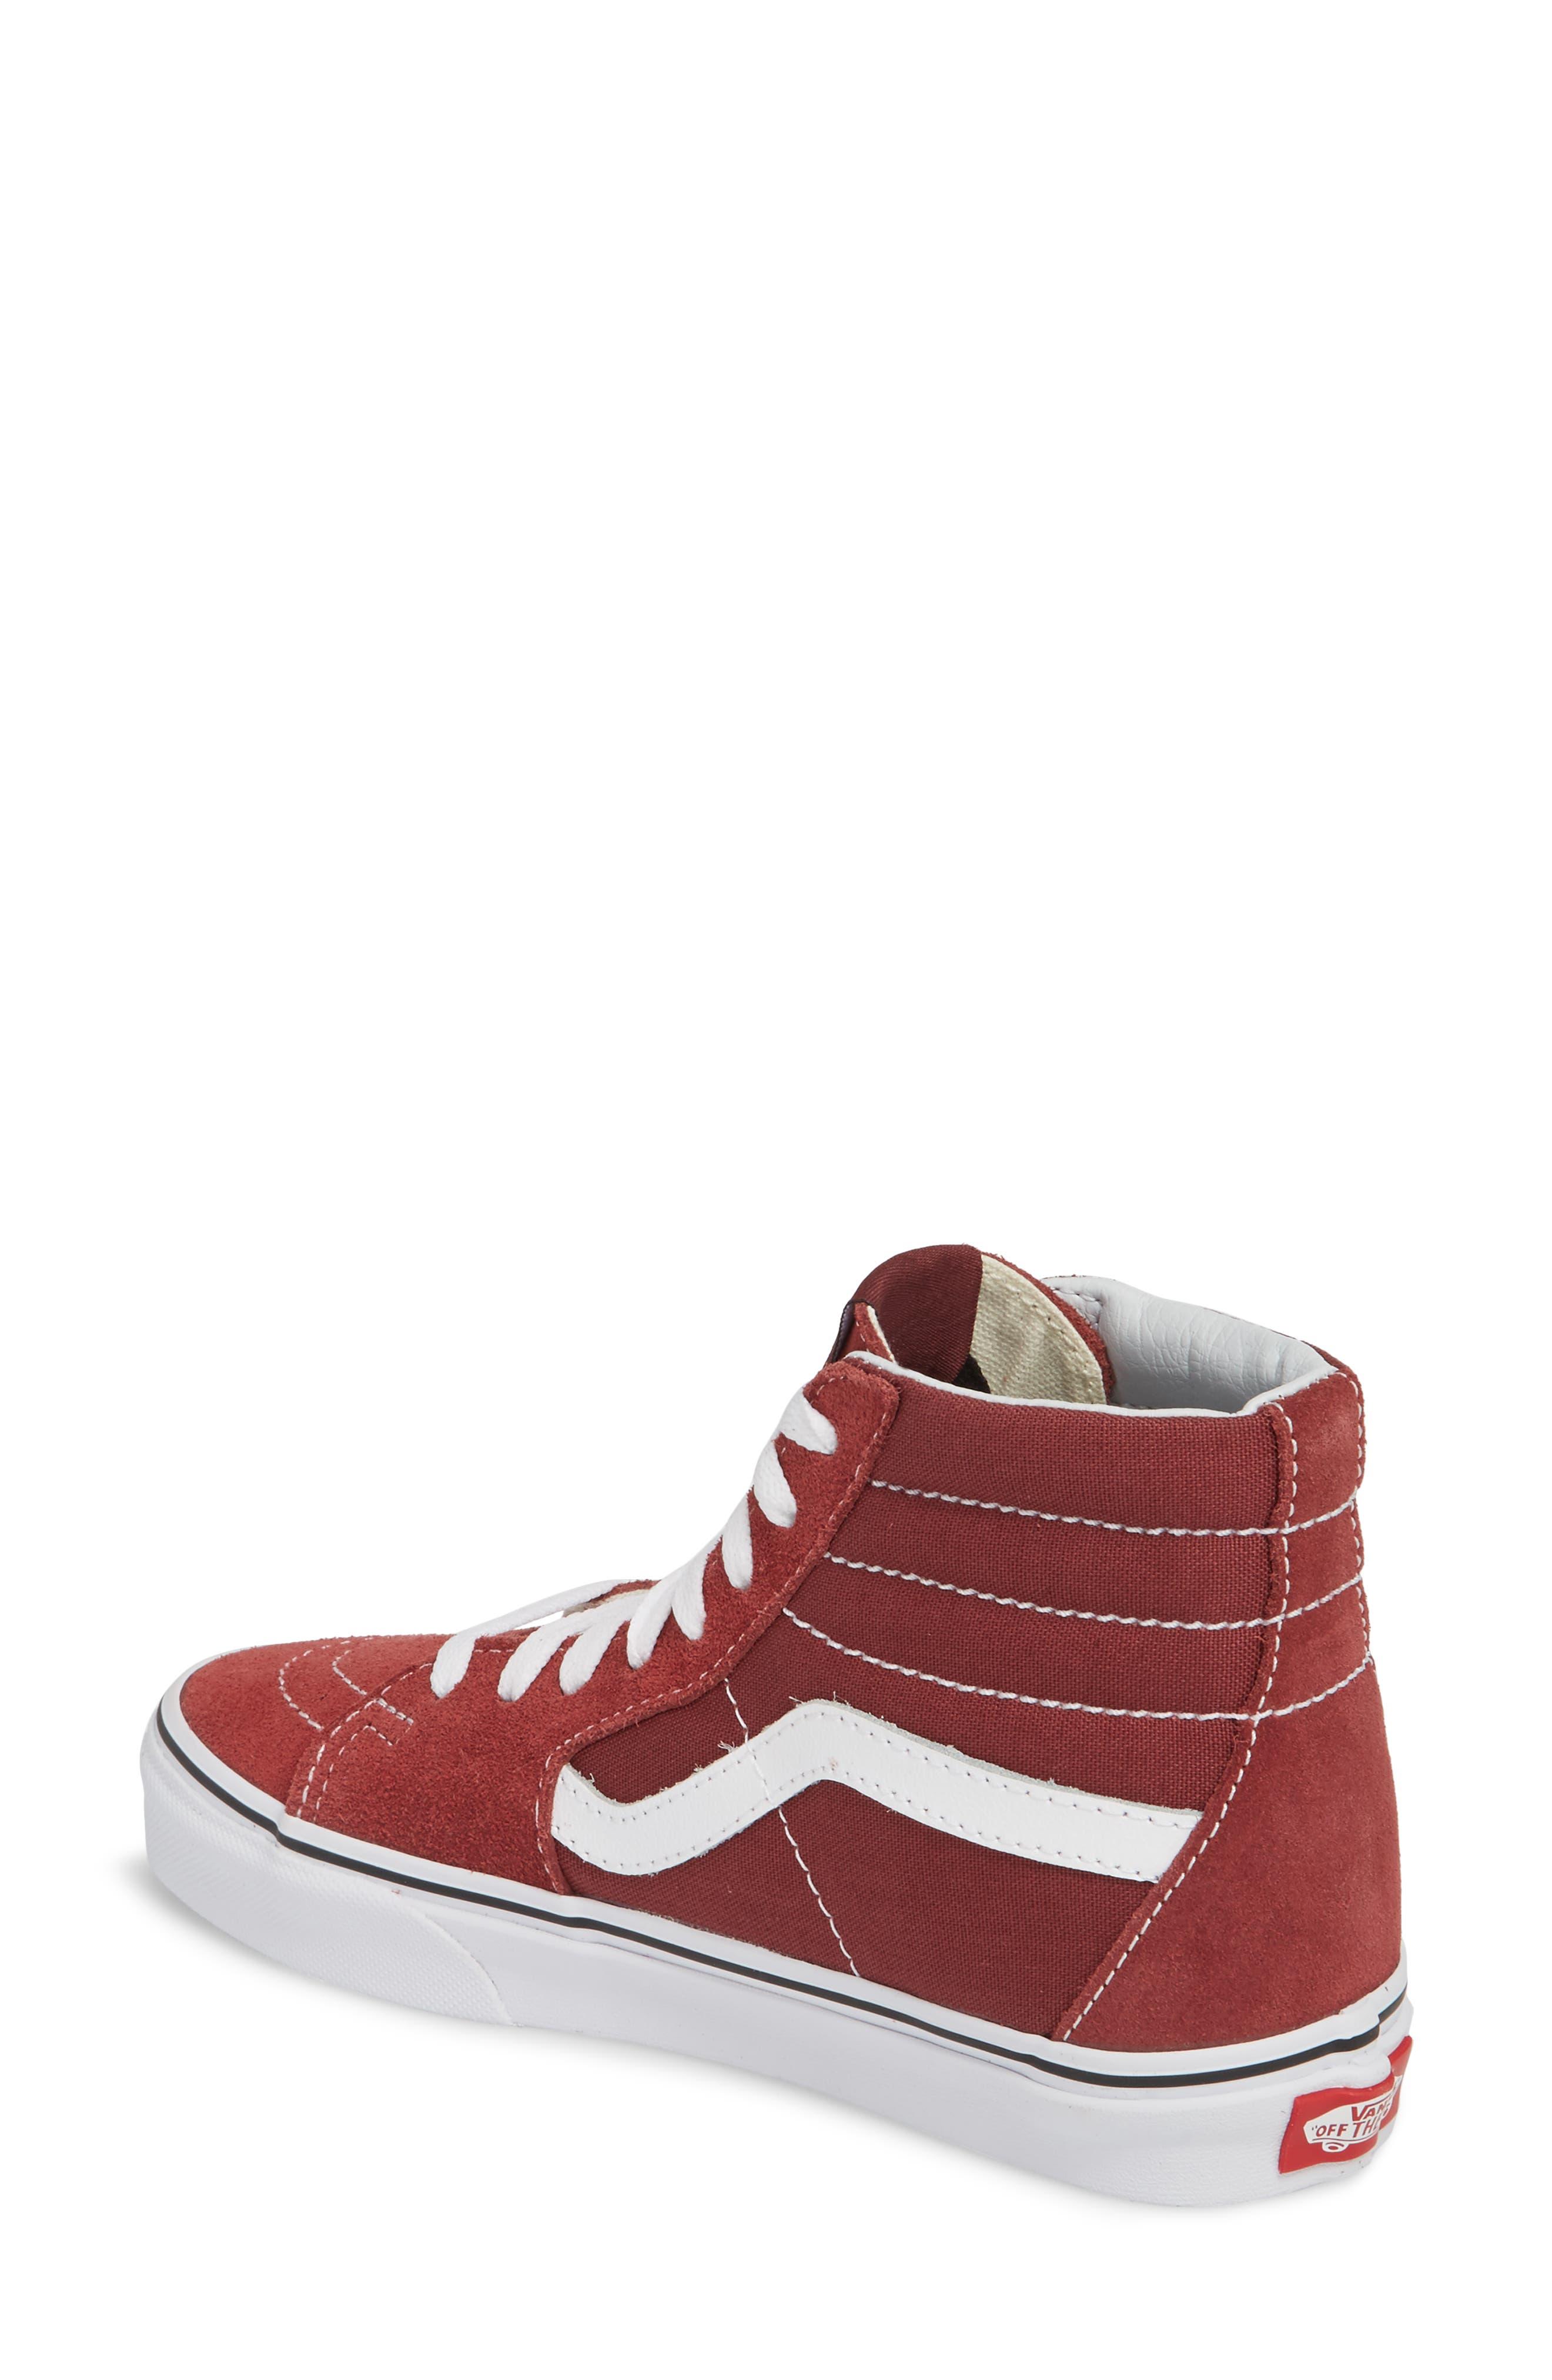 'Sk8-Hi Slim' Sneaker,                             Alternate thumbnail 2, color,                             Apple Butter/ True White